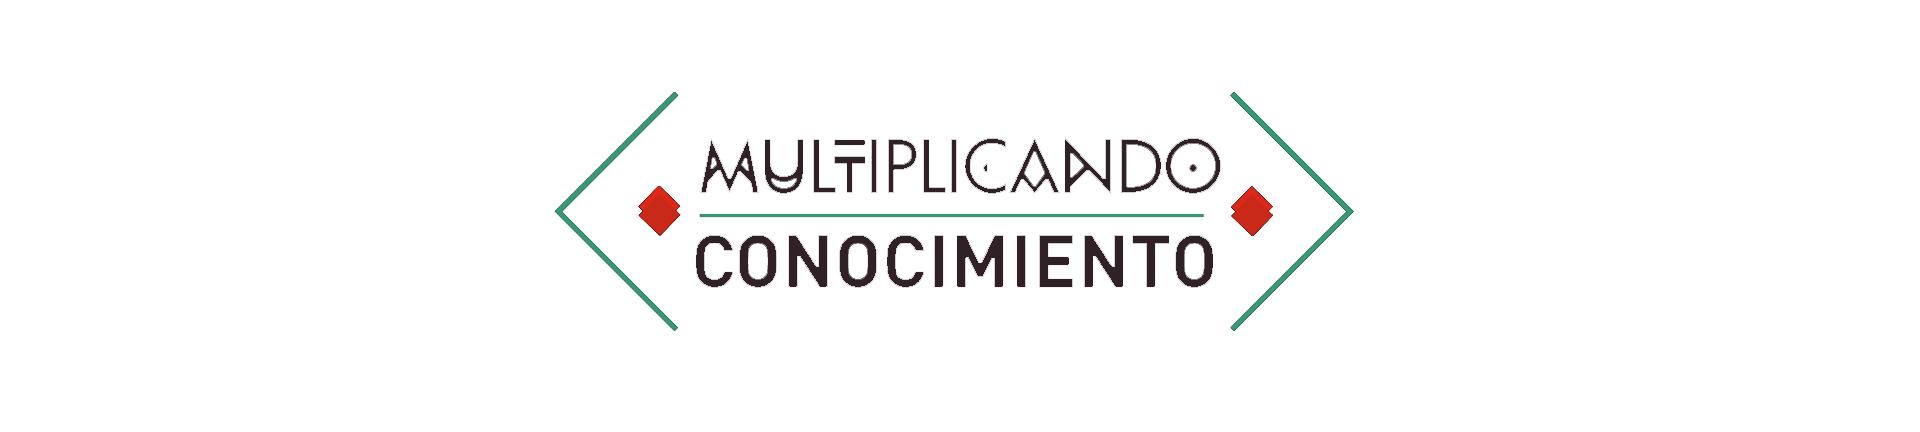 Multiplicando ConocimientoC